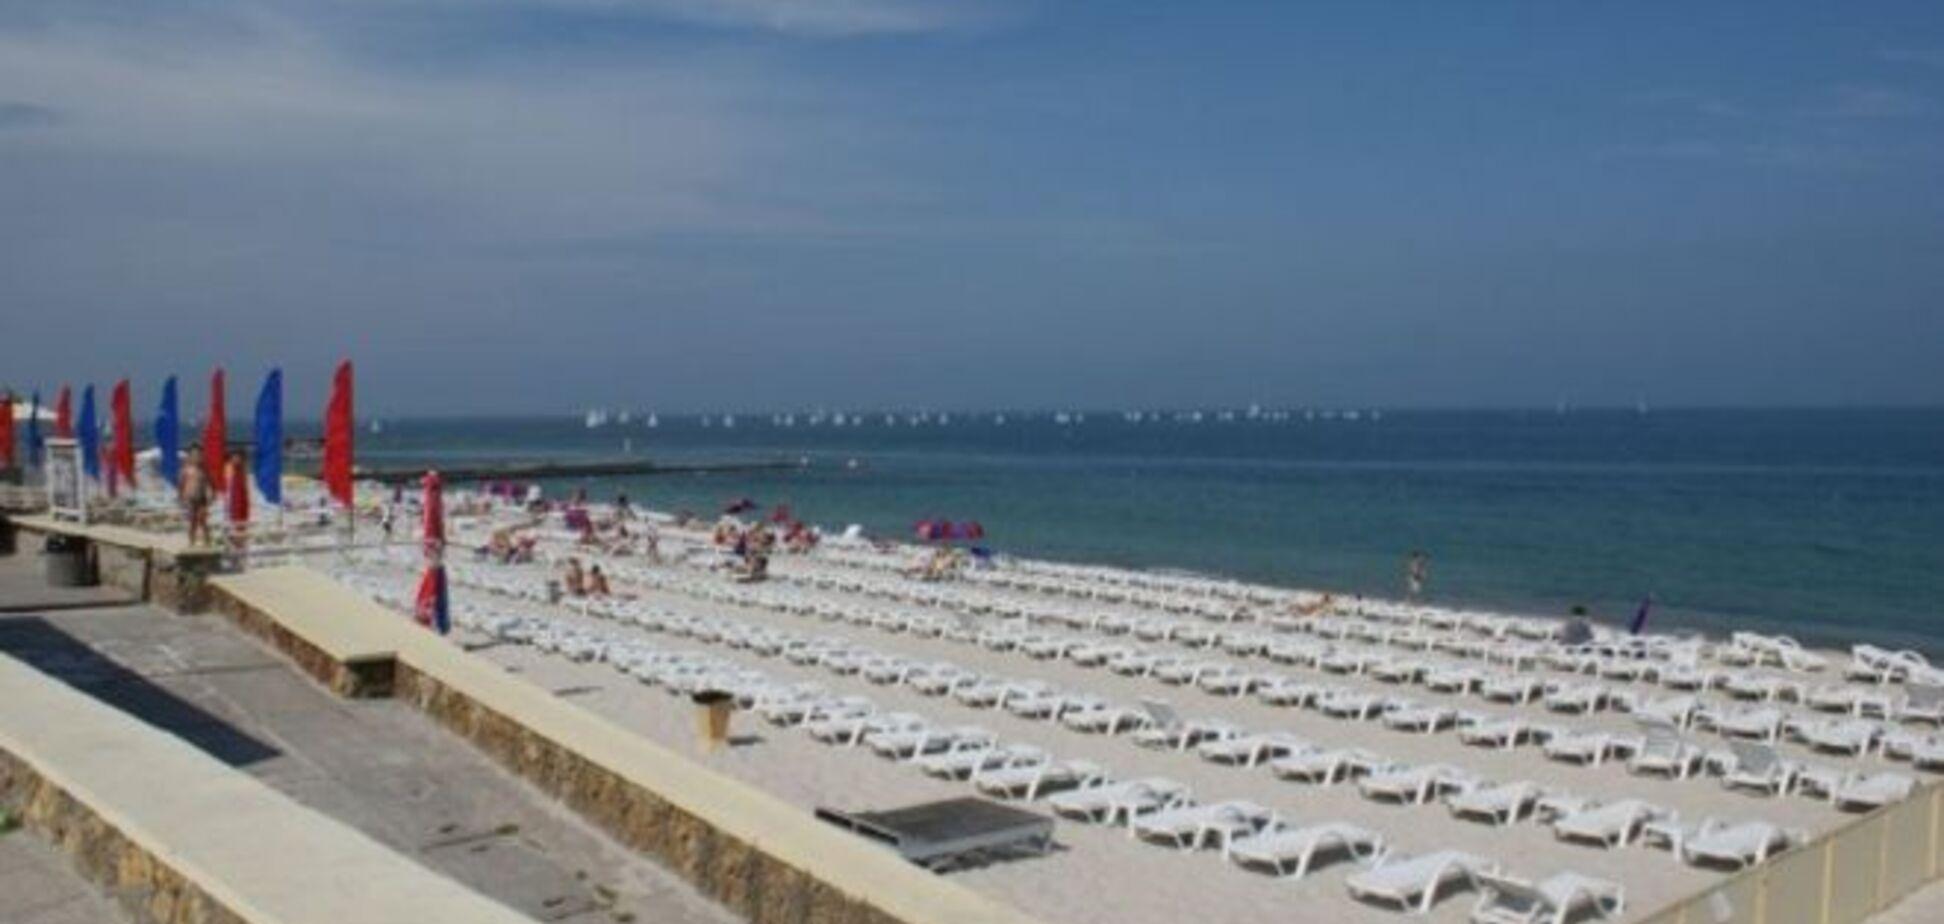 Одесситы ломают незаконно построенные сооружения, чтобы добраться до пляжей